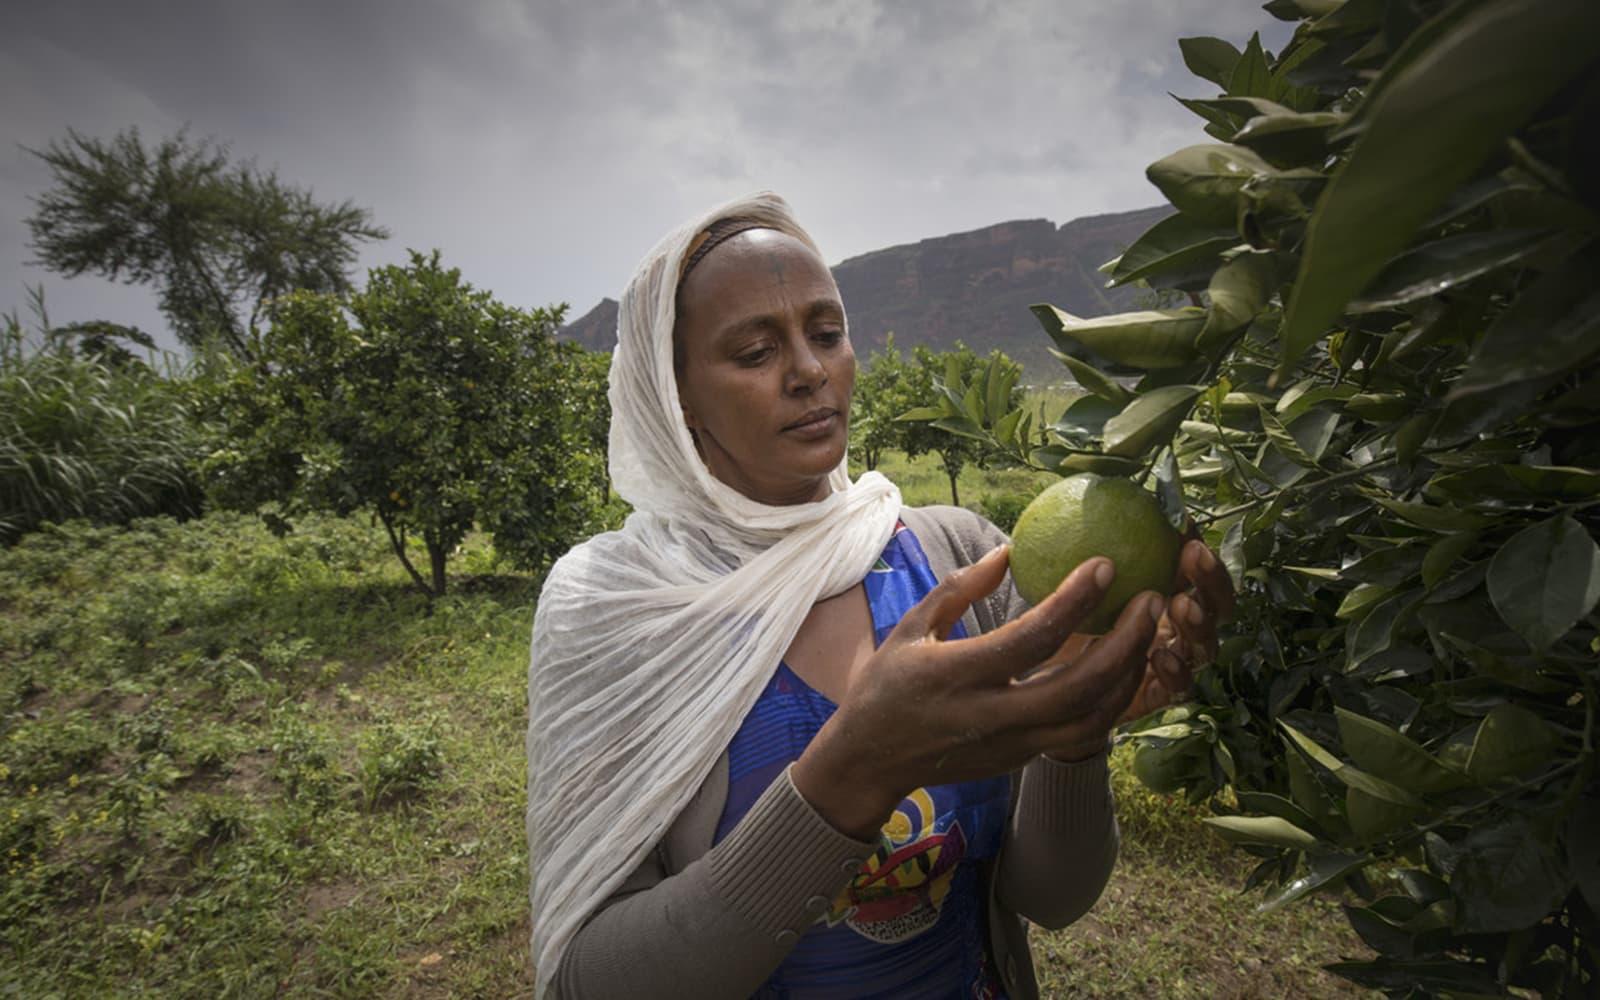 Une femme cueille un fruit sous un ciel orageux